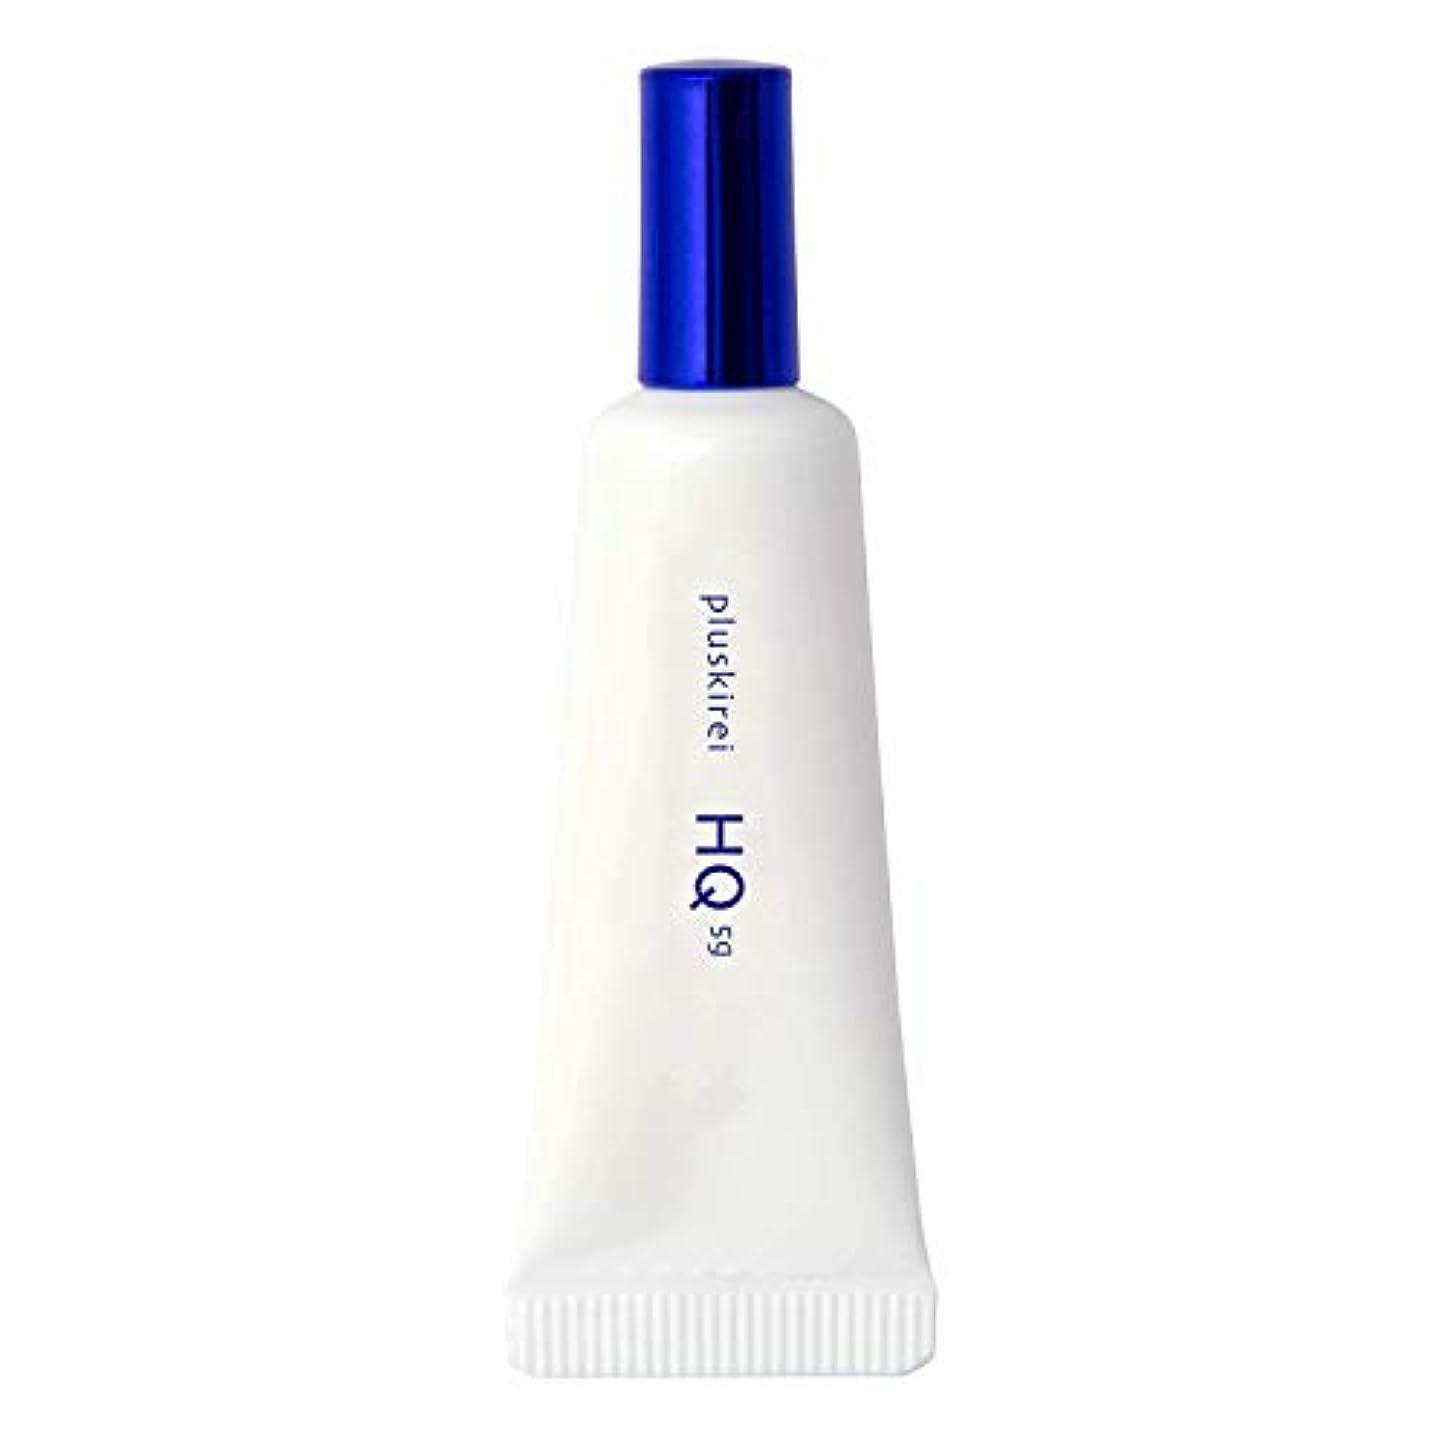 揺れるそよ風脱臼する純 ハイドロキノン 4% 配合 クリーム プラスキレイ プラスナノHQ 日本製 (1本)